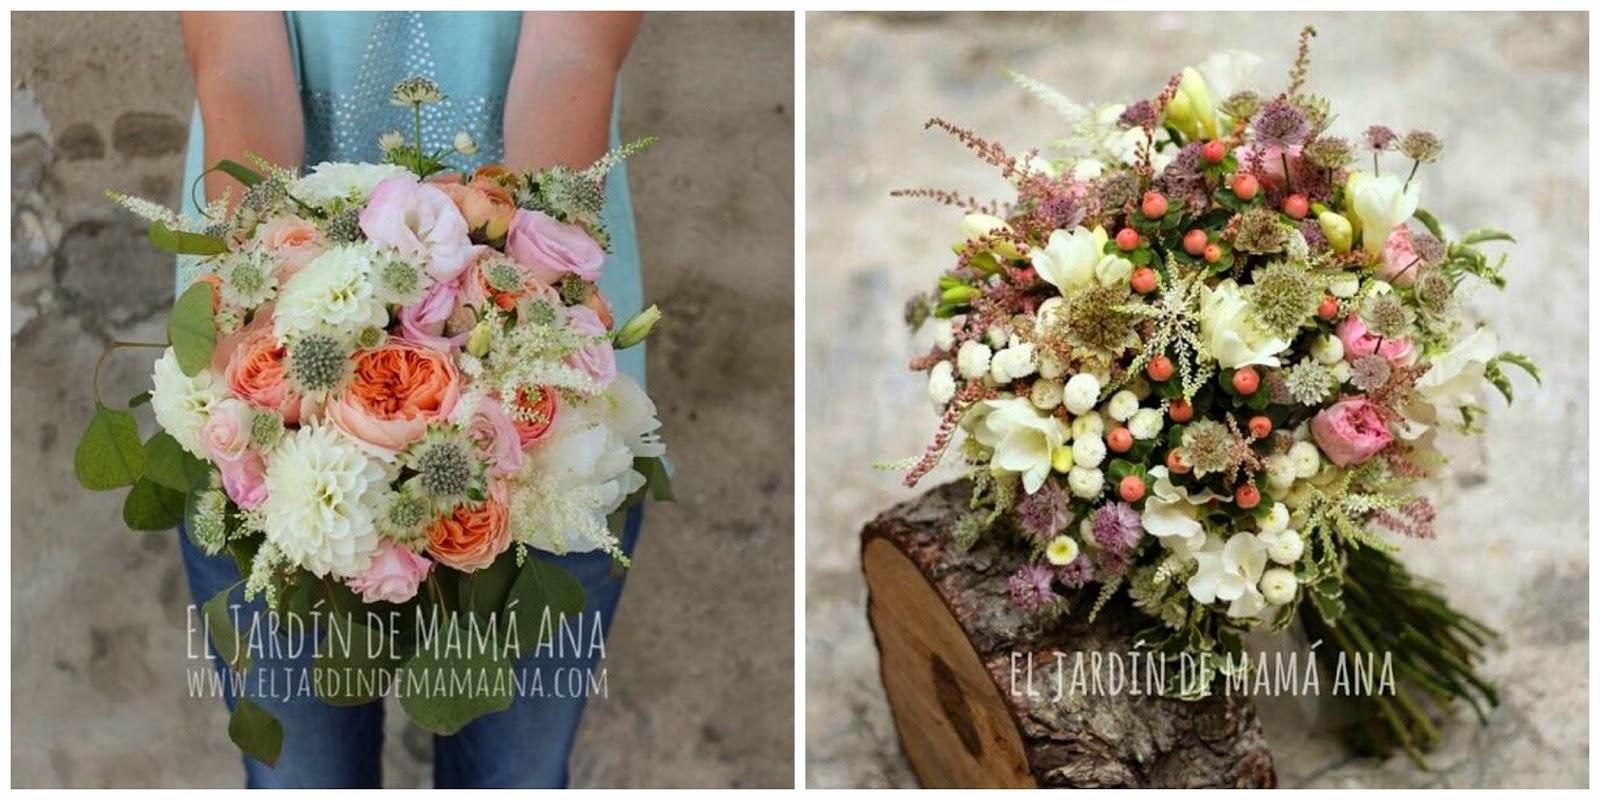 ramos de novia originales decoracion floral el jardin de mama ana blog bodas mi boda gratis